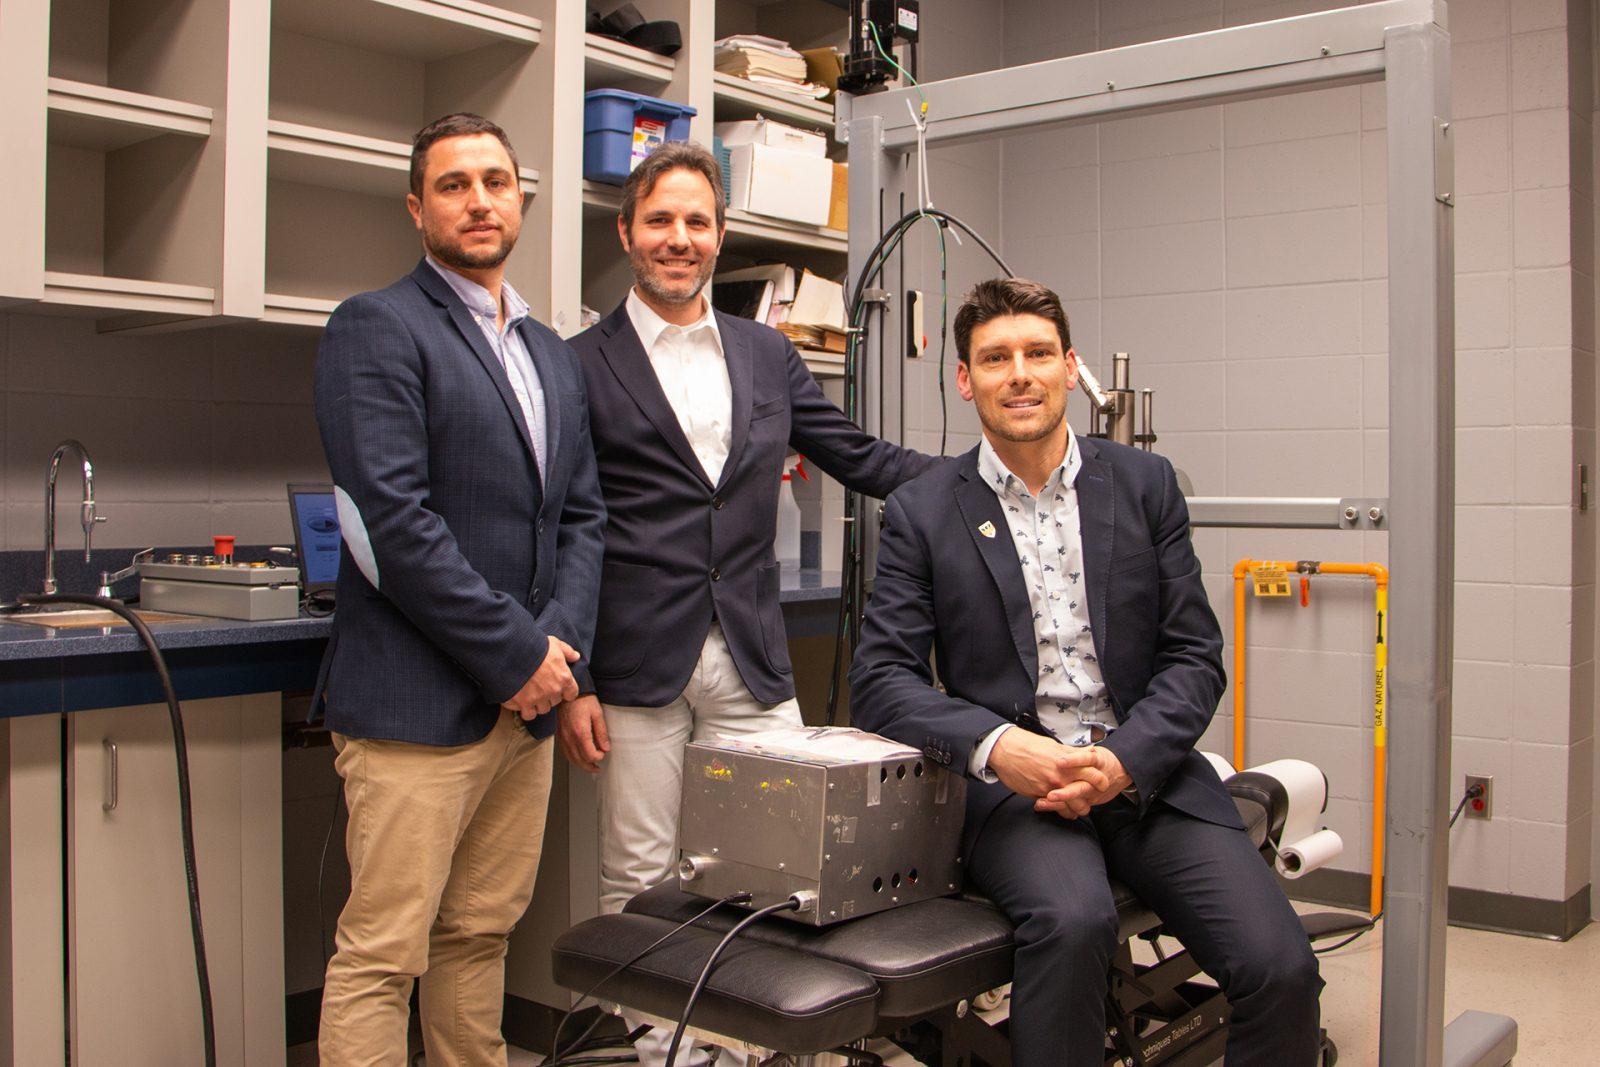 Une nouvelle Chaire de recherche internationale en santé neuromusculosquelettique